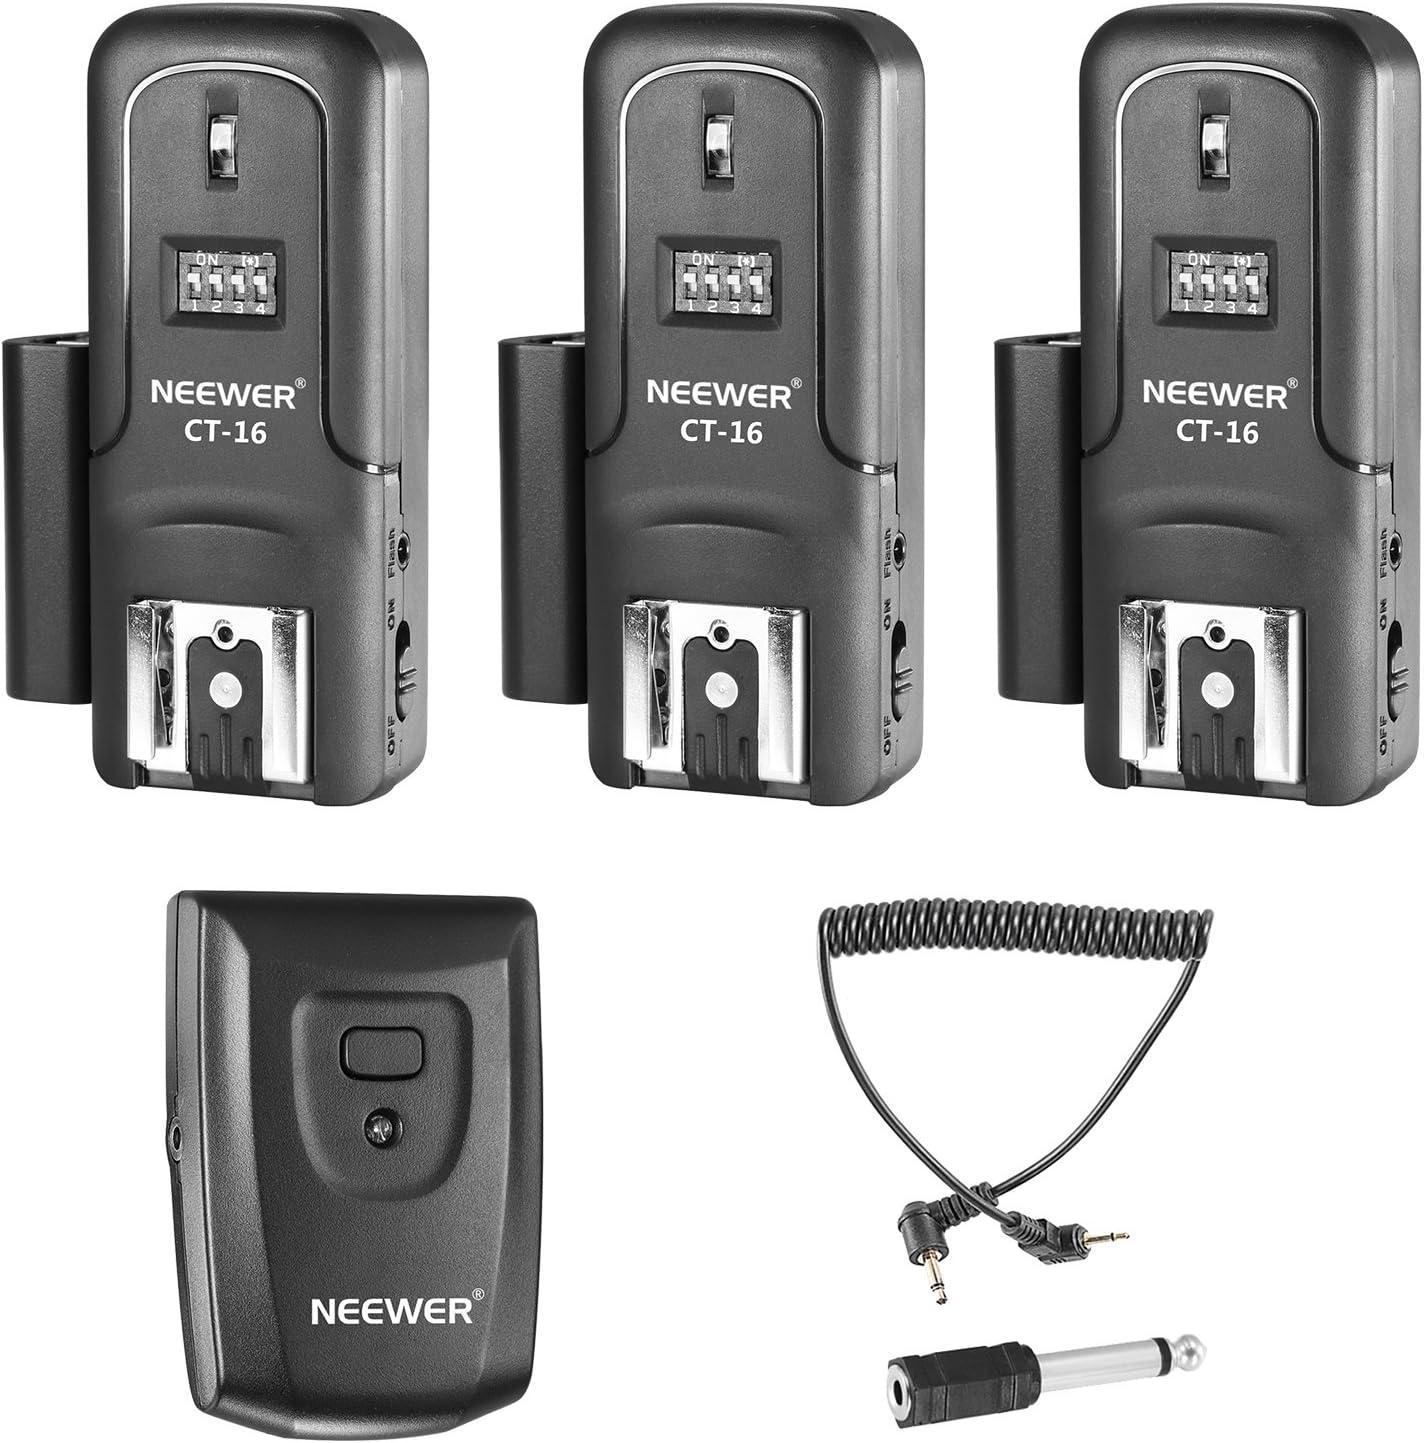 Neewer Set de Disparador de 16 Canal Inalámbrico de Flash Speedlite Radio, Incluye (1) Transmisor y (3) Receptores, compatible para Canon Nikon Pentax Olympus Panasonic Cámaras DSLR (CT-16)